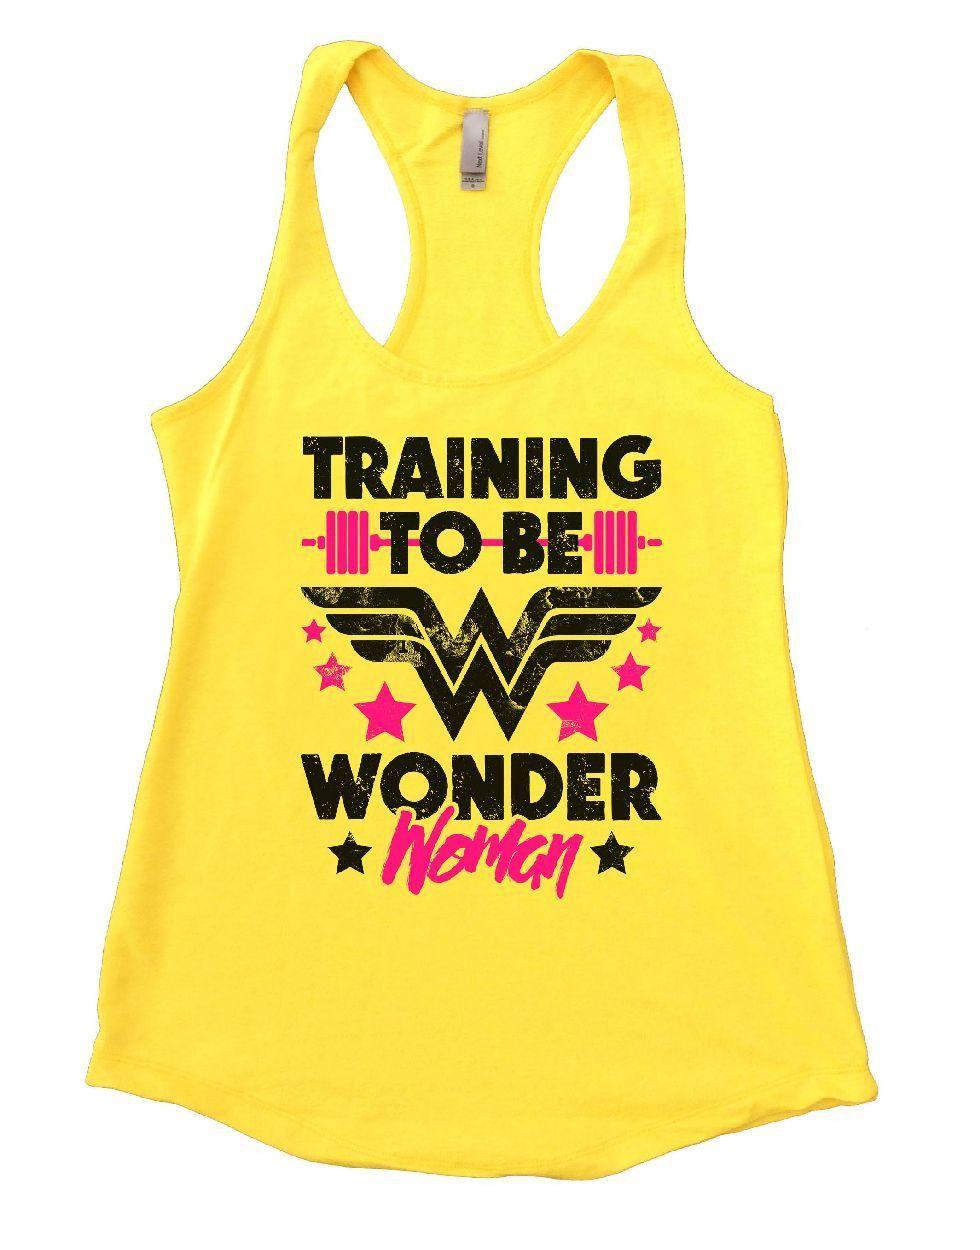 Formation pour être Wonder Woman Femmes Workout Tank Top-2954